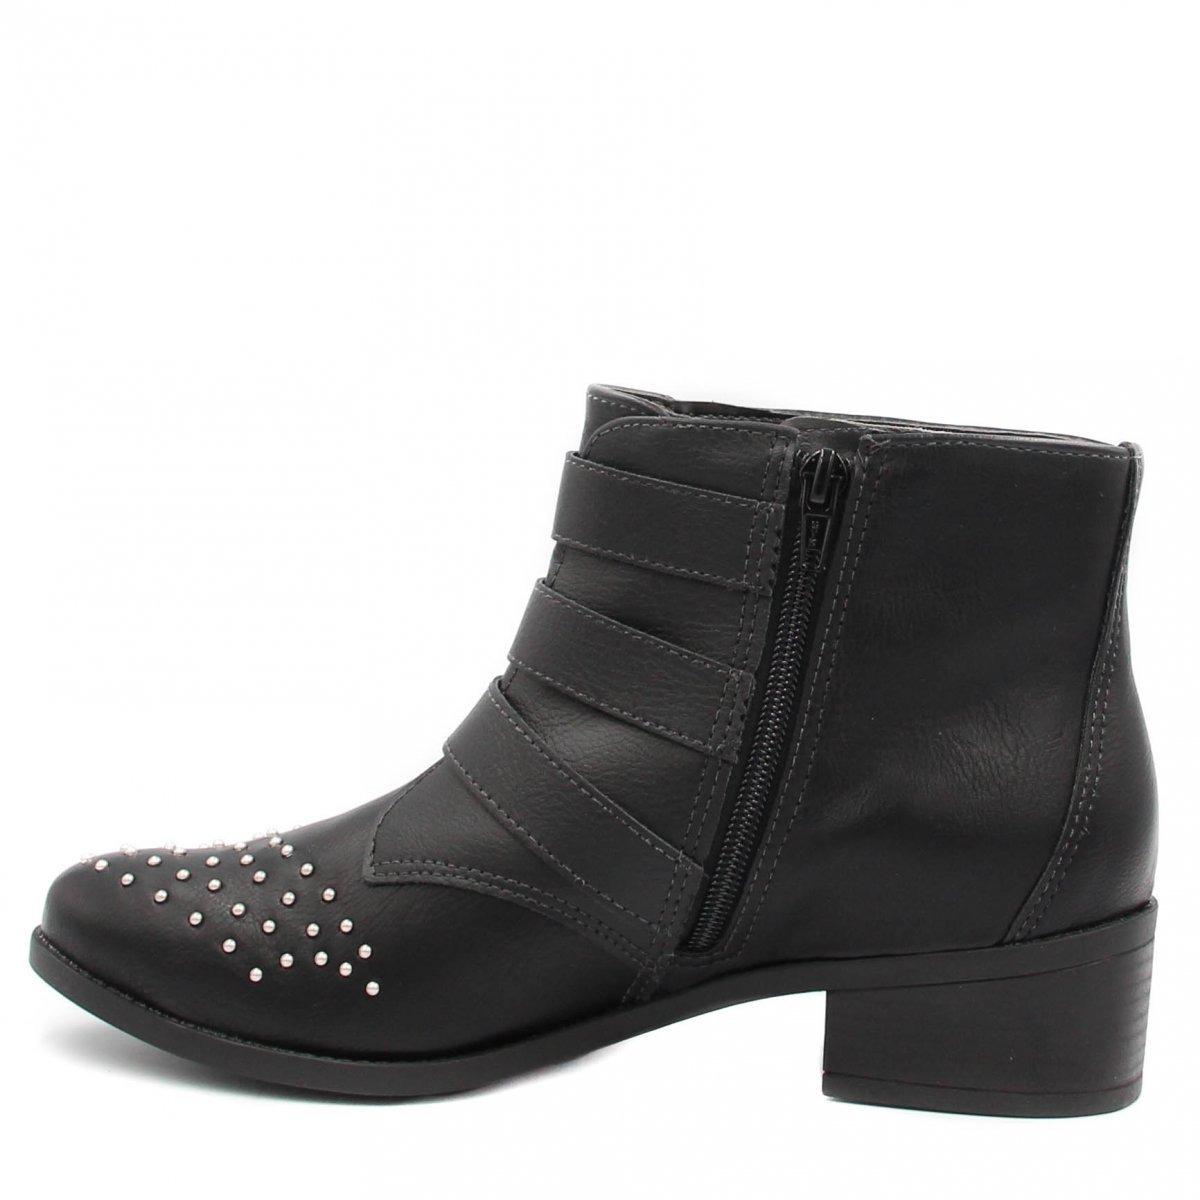 0f2deb33c9764 Bota Cano Curto Via Marte Ankle Boot Preto 18-4603